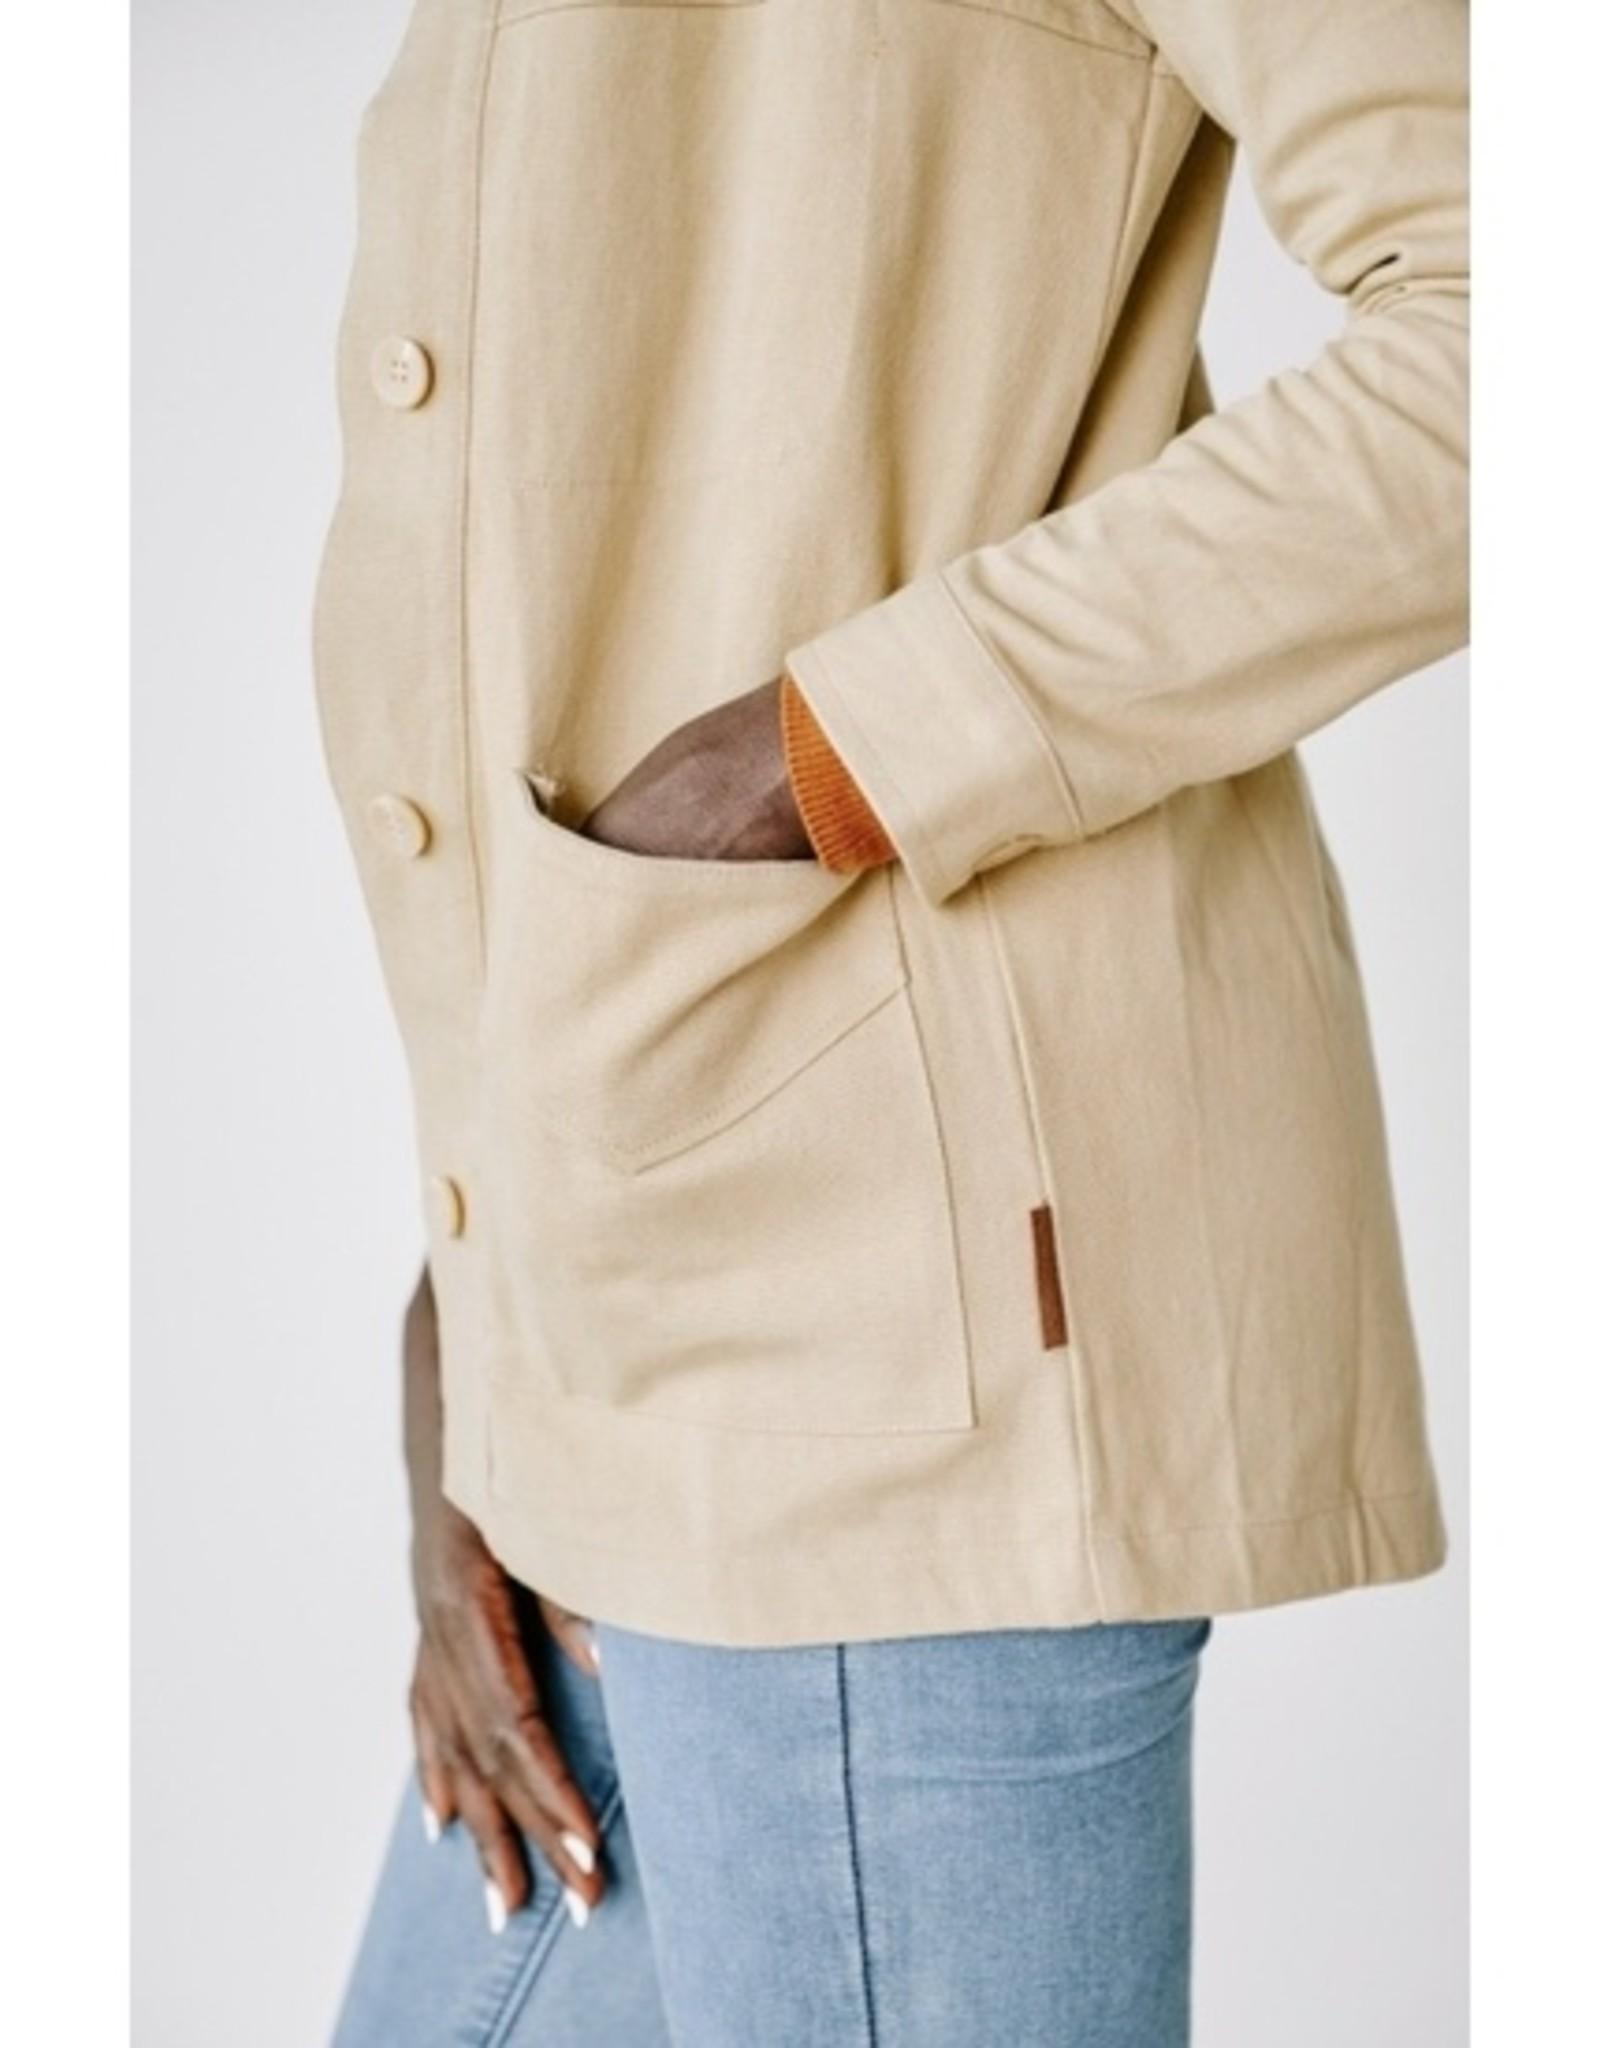 Goumikids Chore Coat